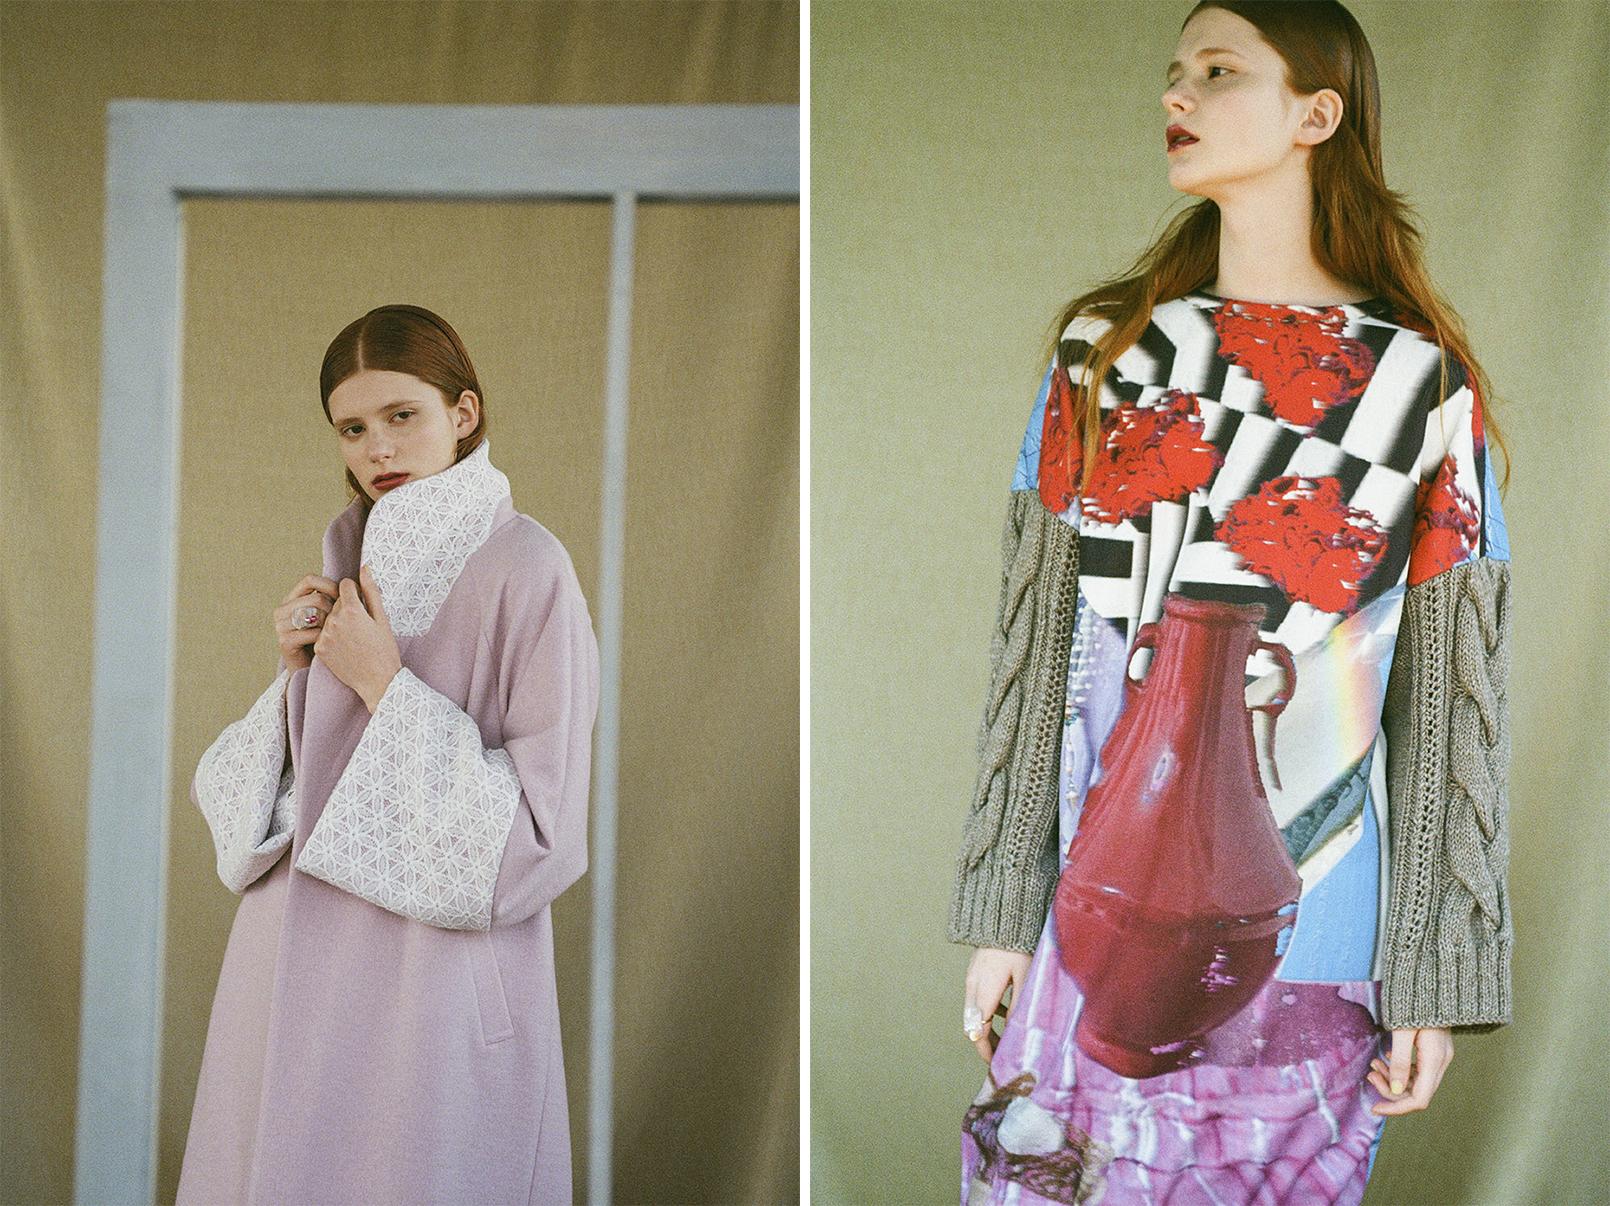 独特なテキスタイルが魅力のブランド『Romei』のニューコレクションに注目